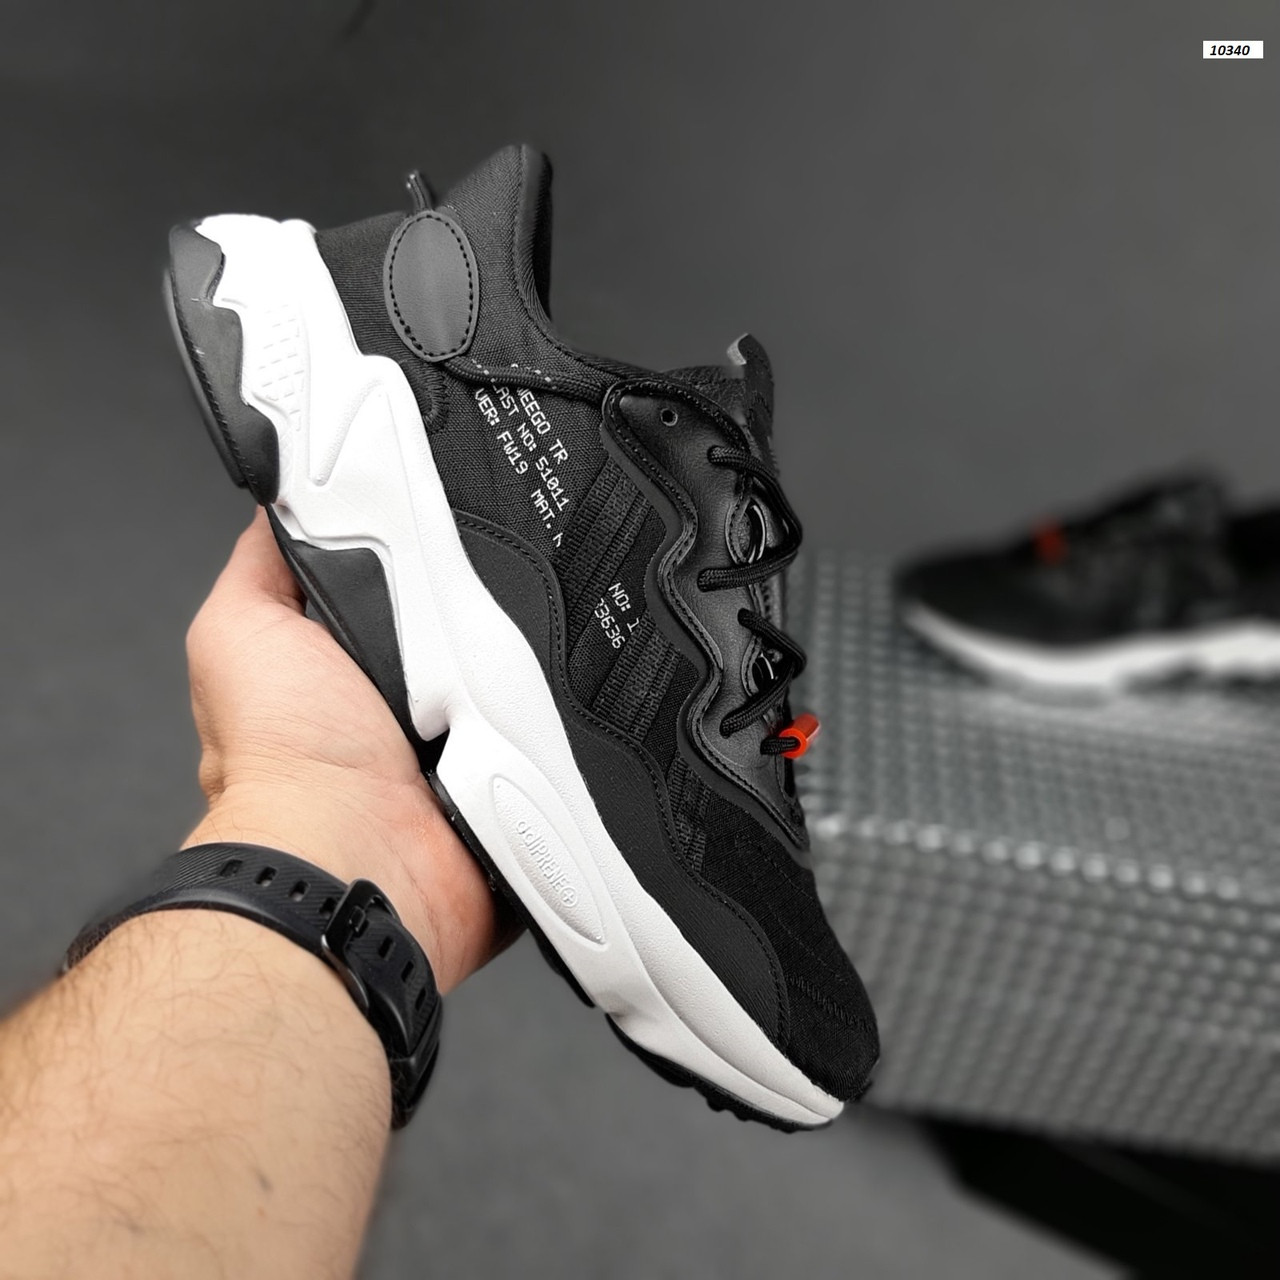 Женские кроссовки Adidas Ozweego TR (черно-белые) спортивные весенние кроссы 20260